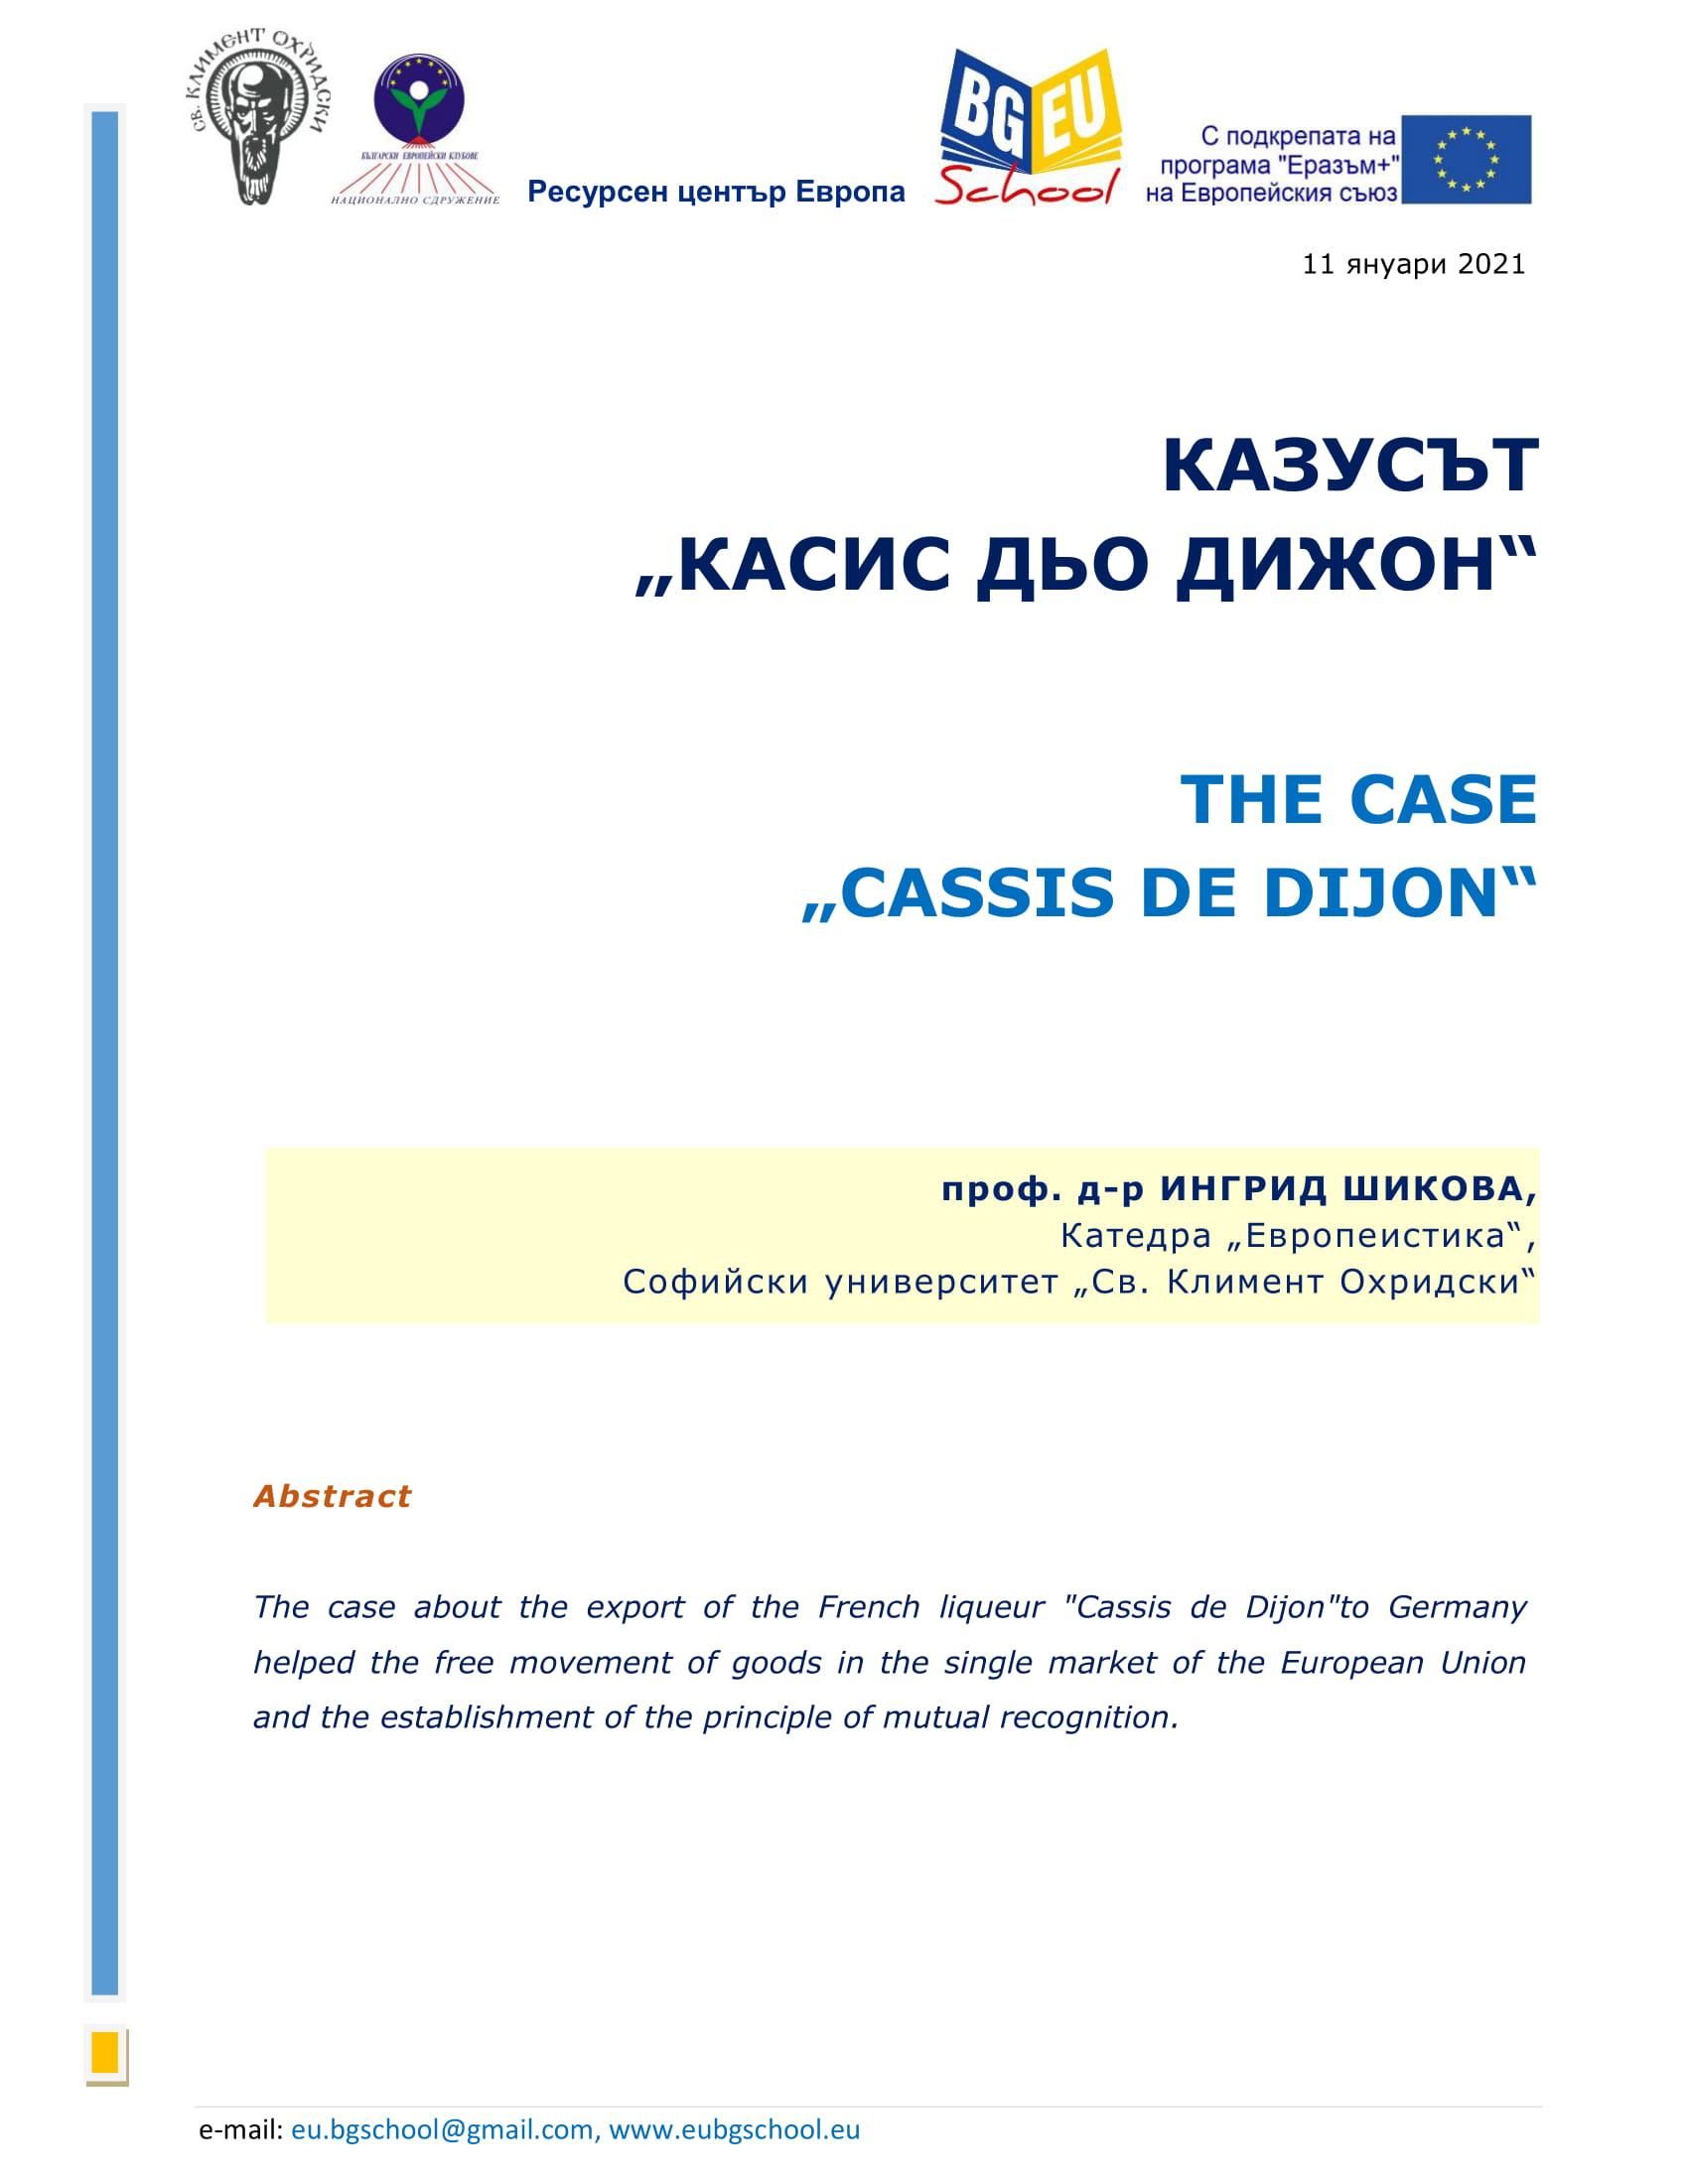 """THE CASE """"CASSIS DE DIJON"""""""